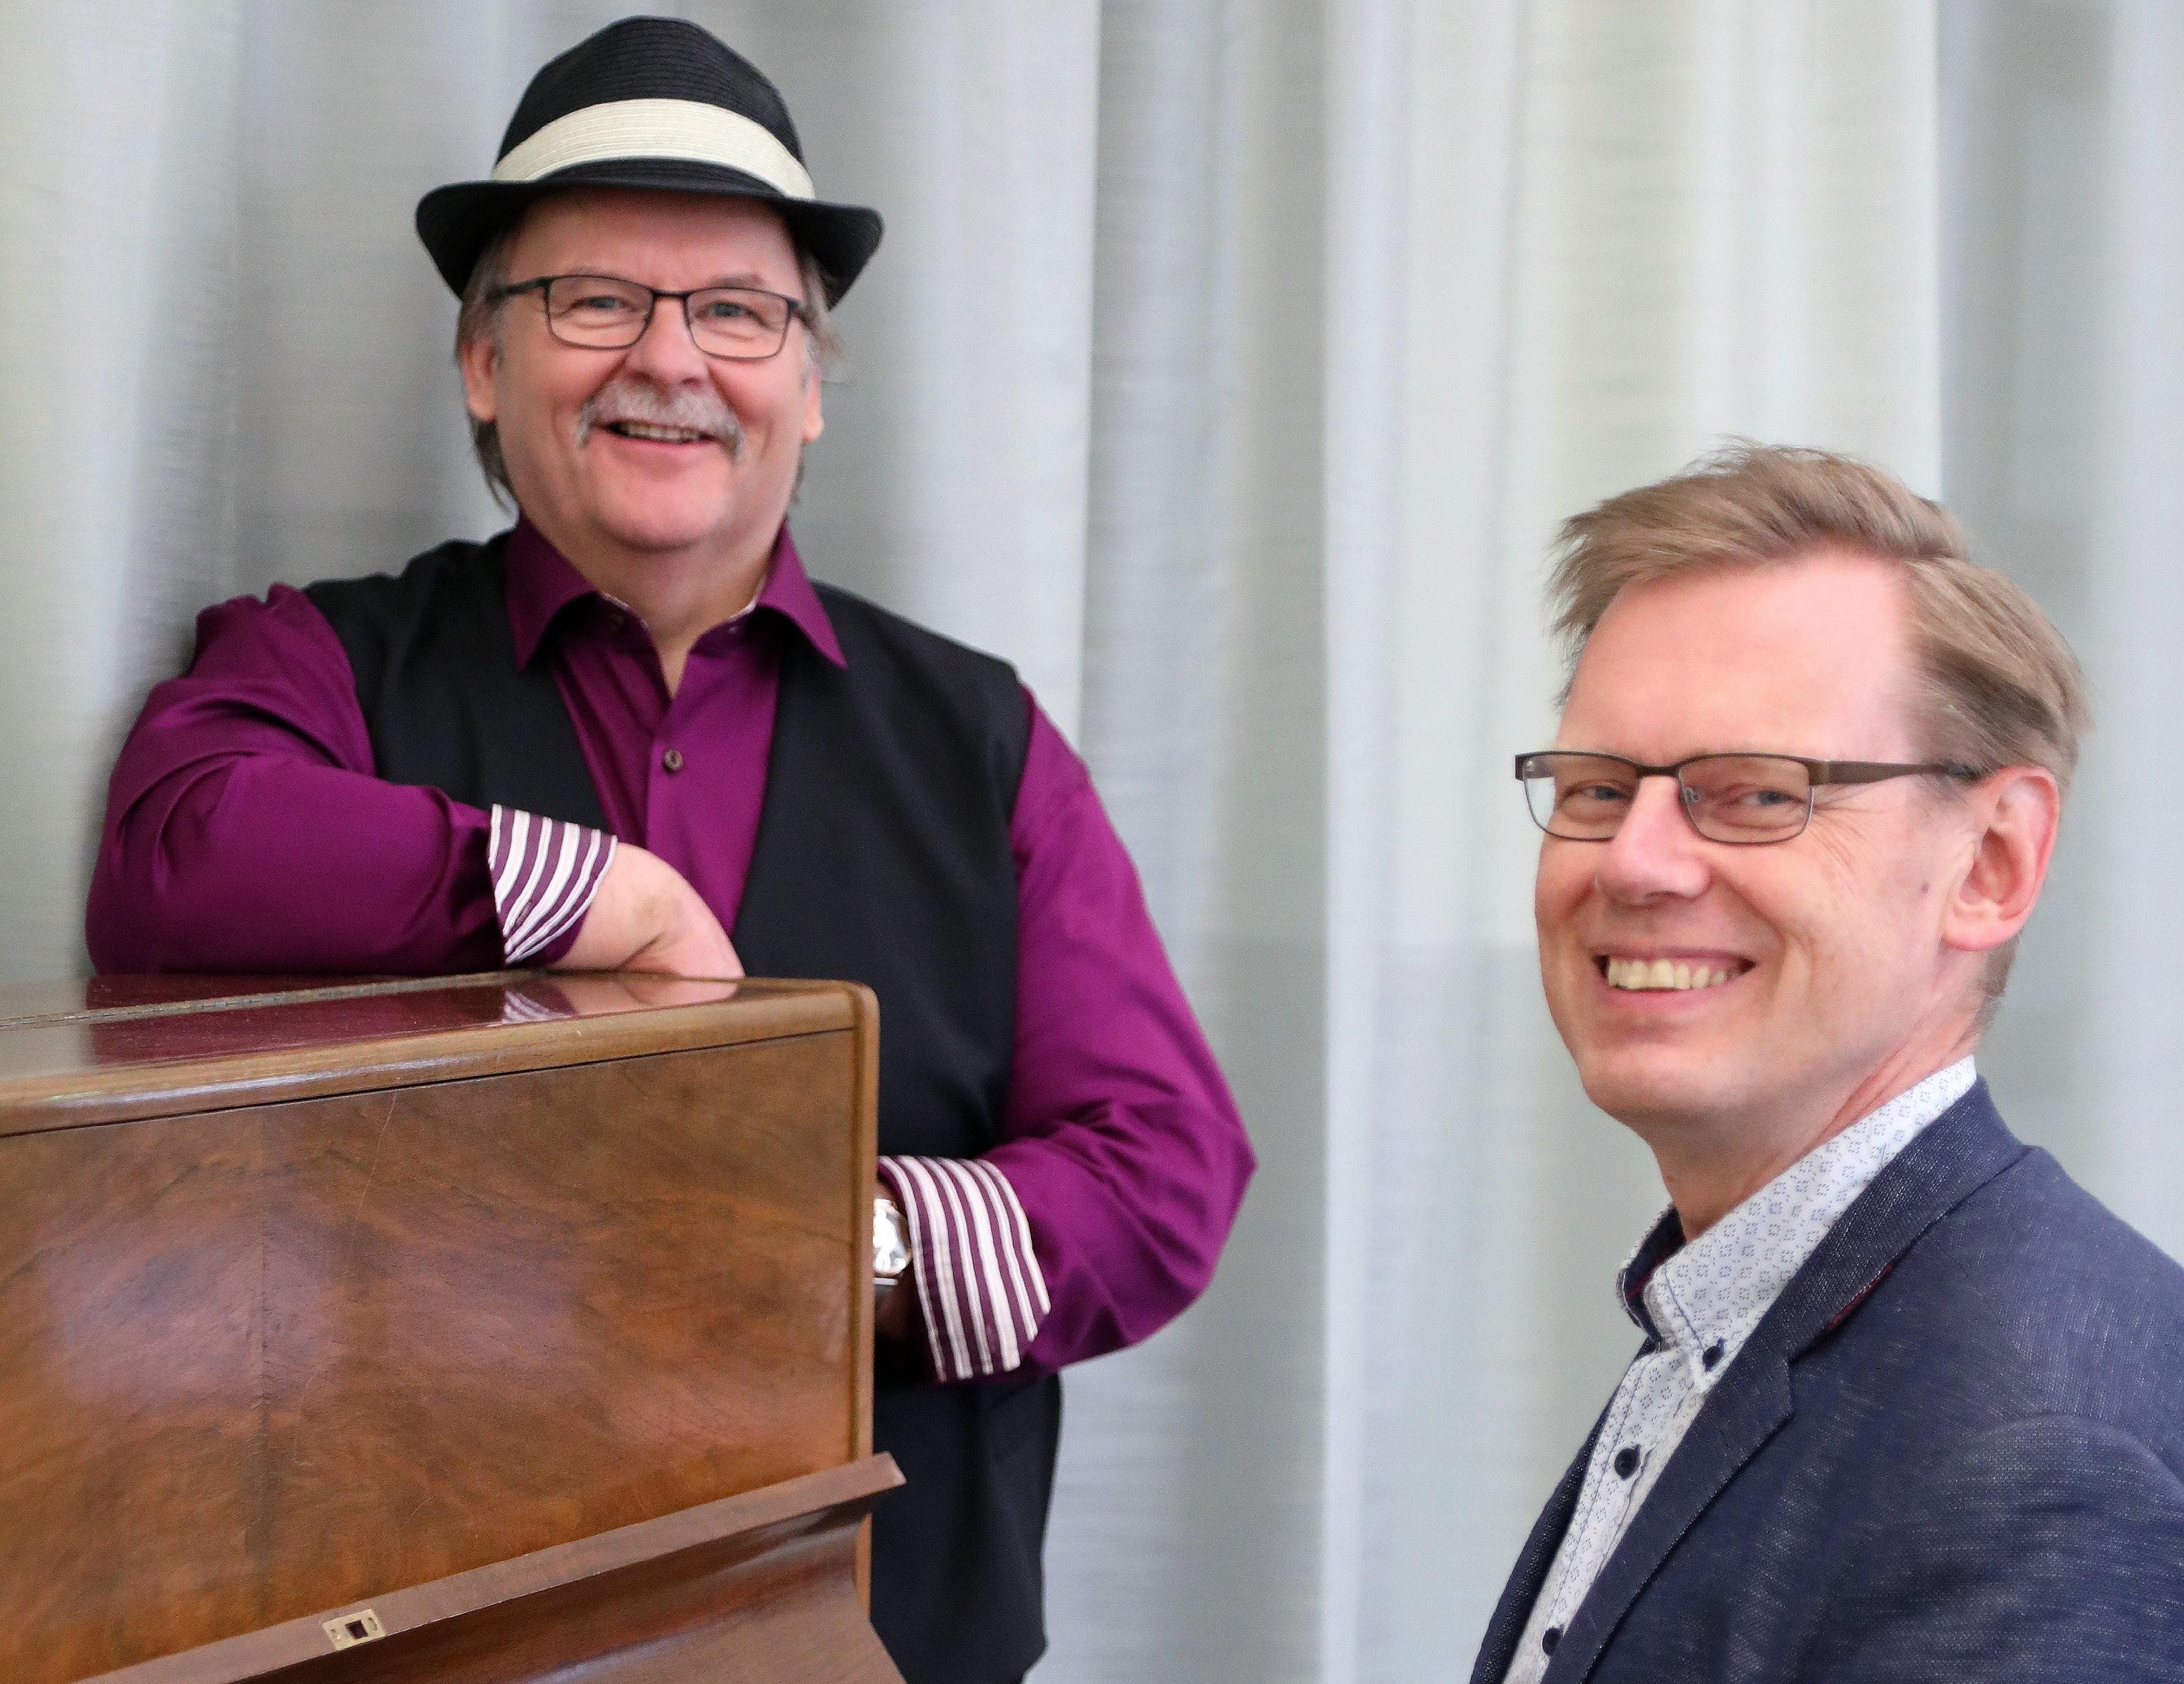 Verkkotapahtuma: #28 Yhteislaulut kotona, laulattajina Martti Kuurila ja Jussi Tamminen